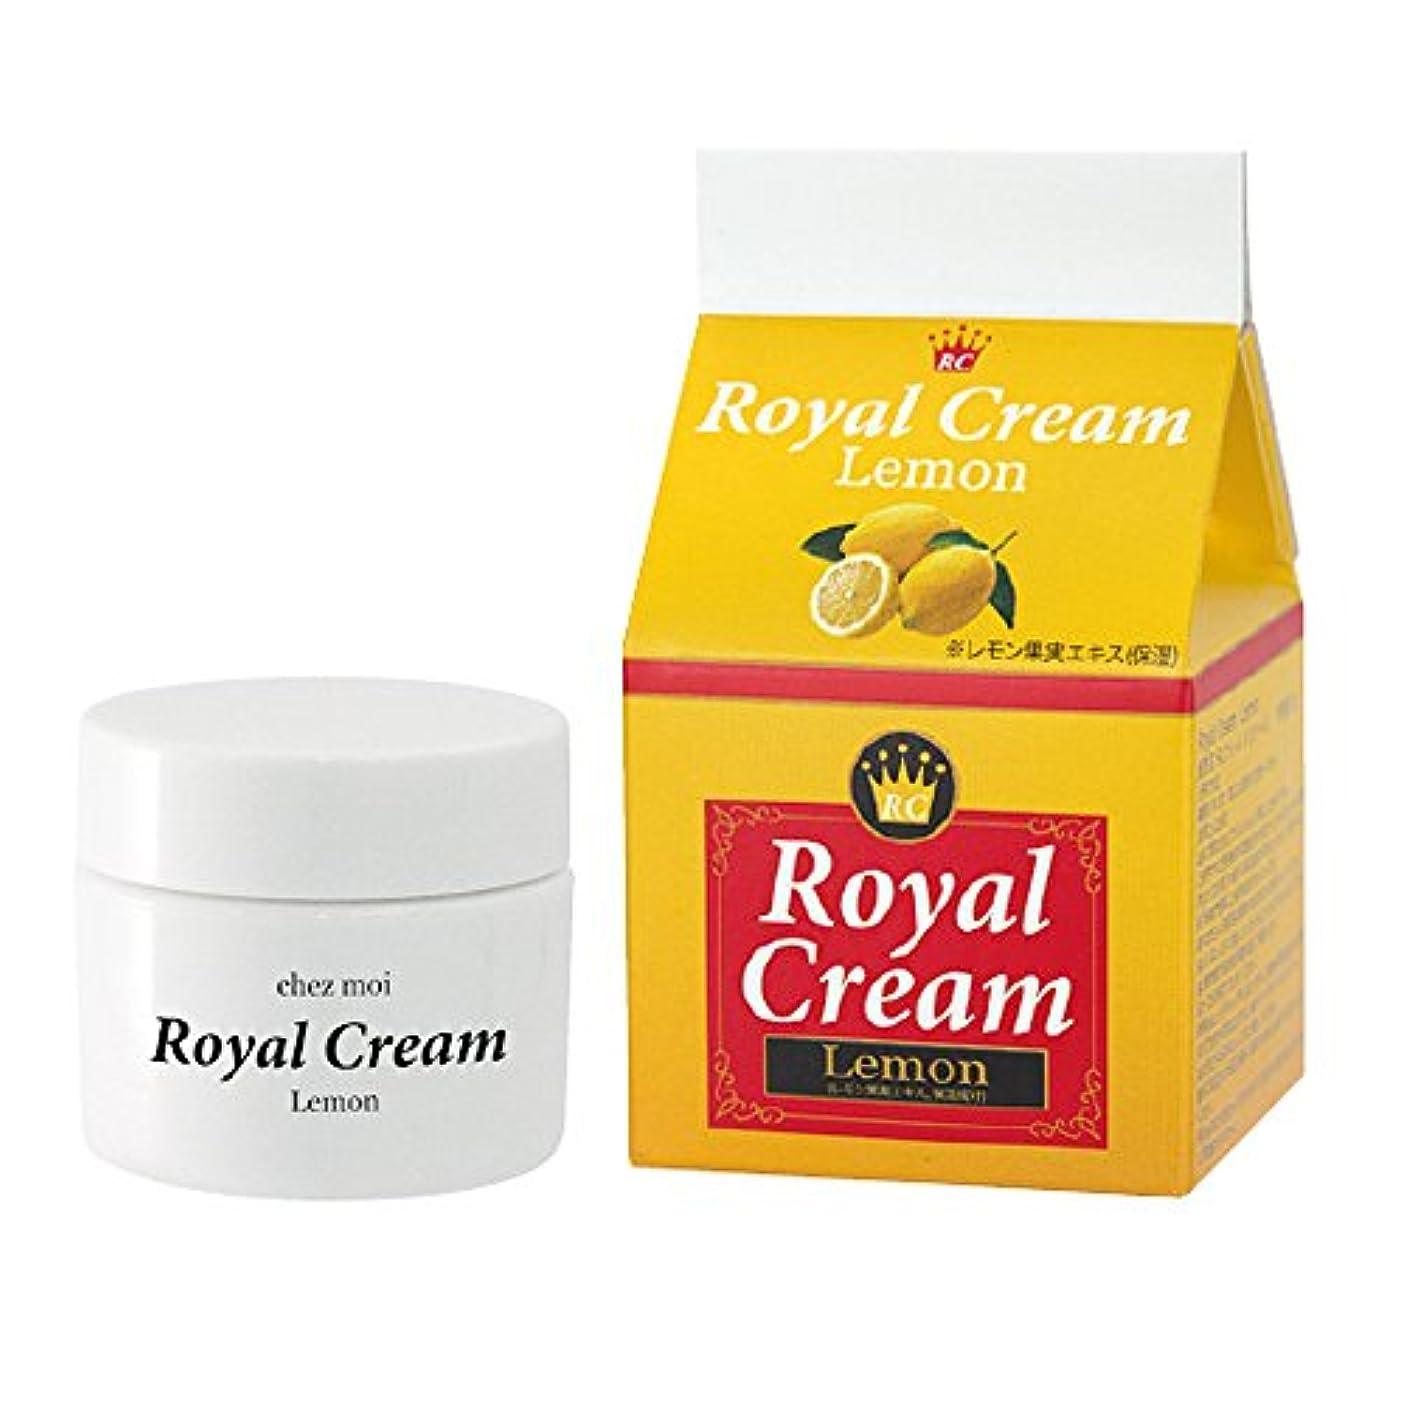 技術者人工的な肩をすくめるシェモア Royal Cream Lemon(ロイヤルクリームレモン) 30g